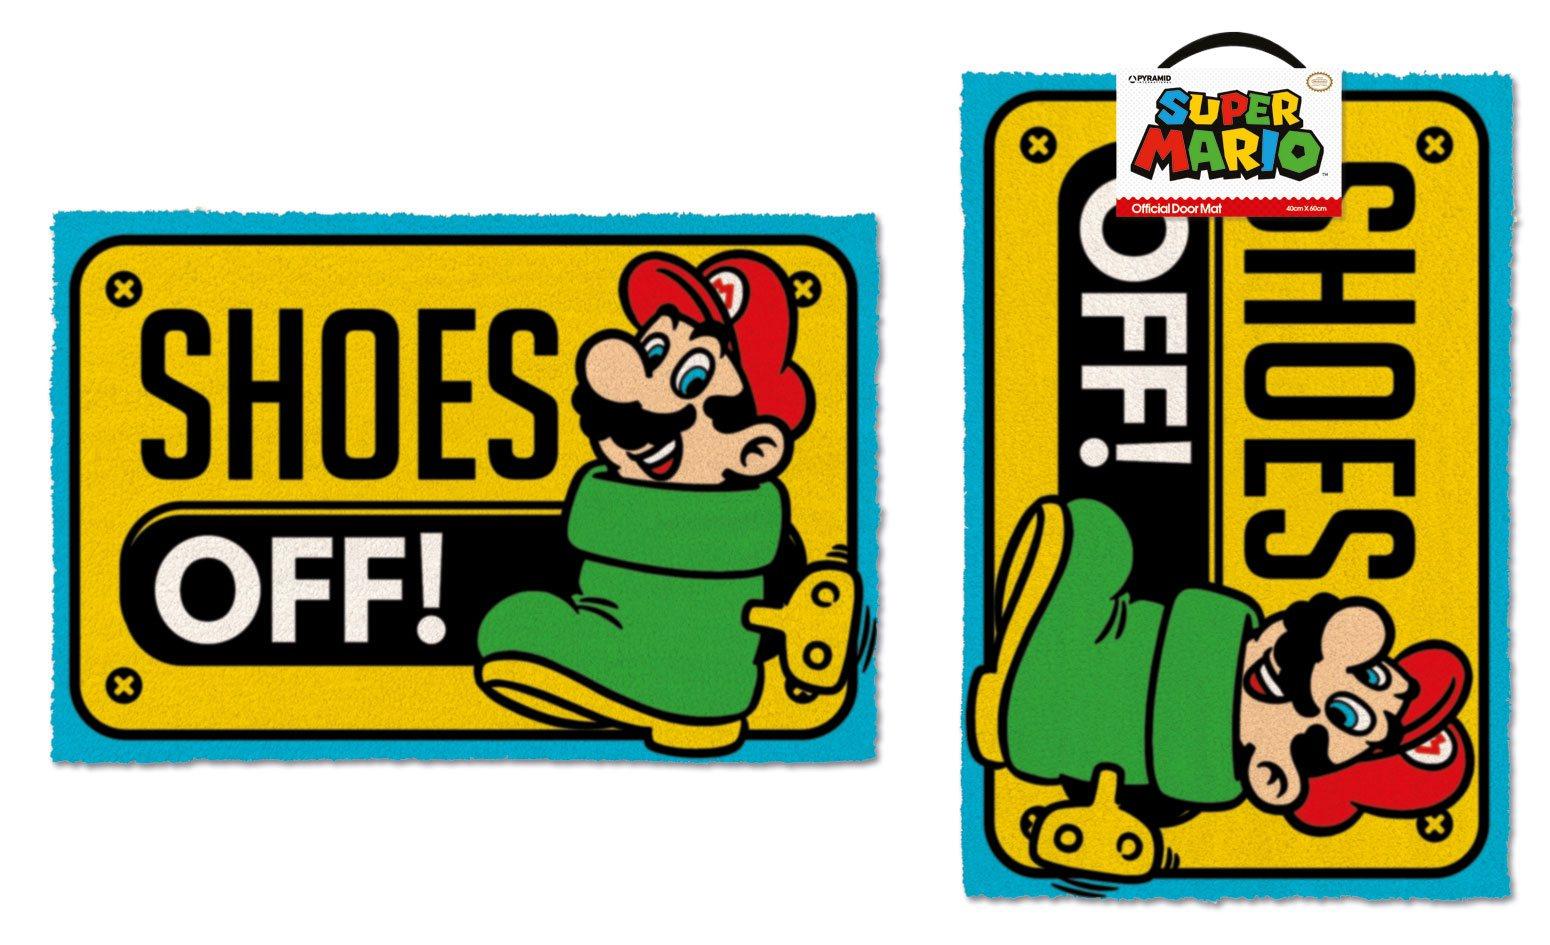 Super Mario Doormat Shoes Off 40 x 60 cm